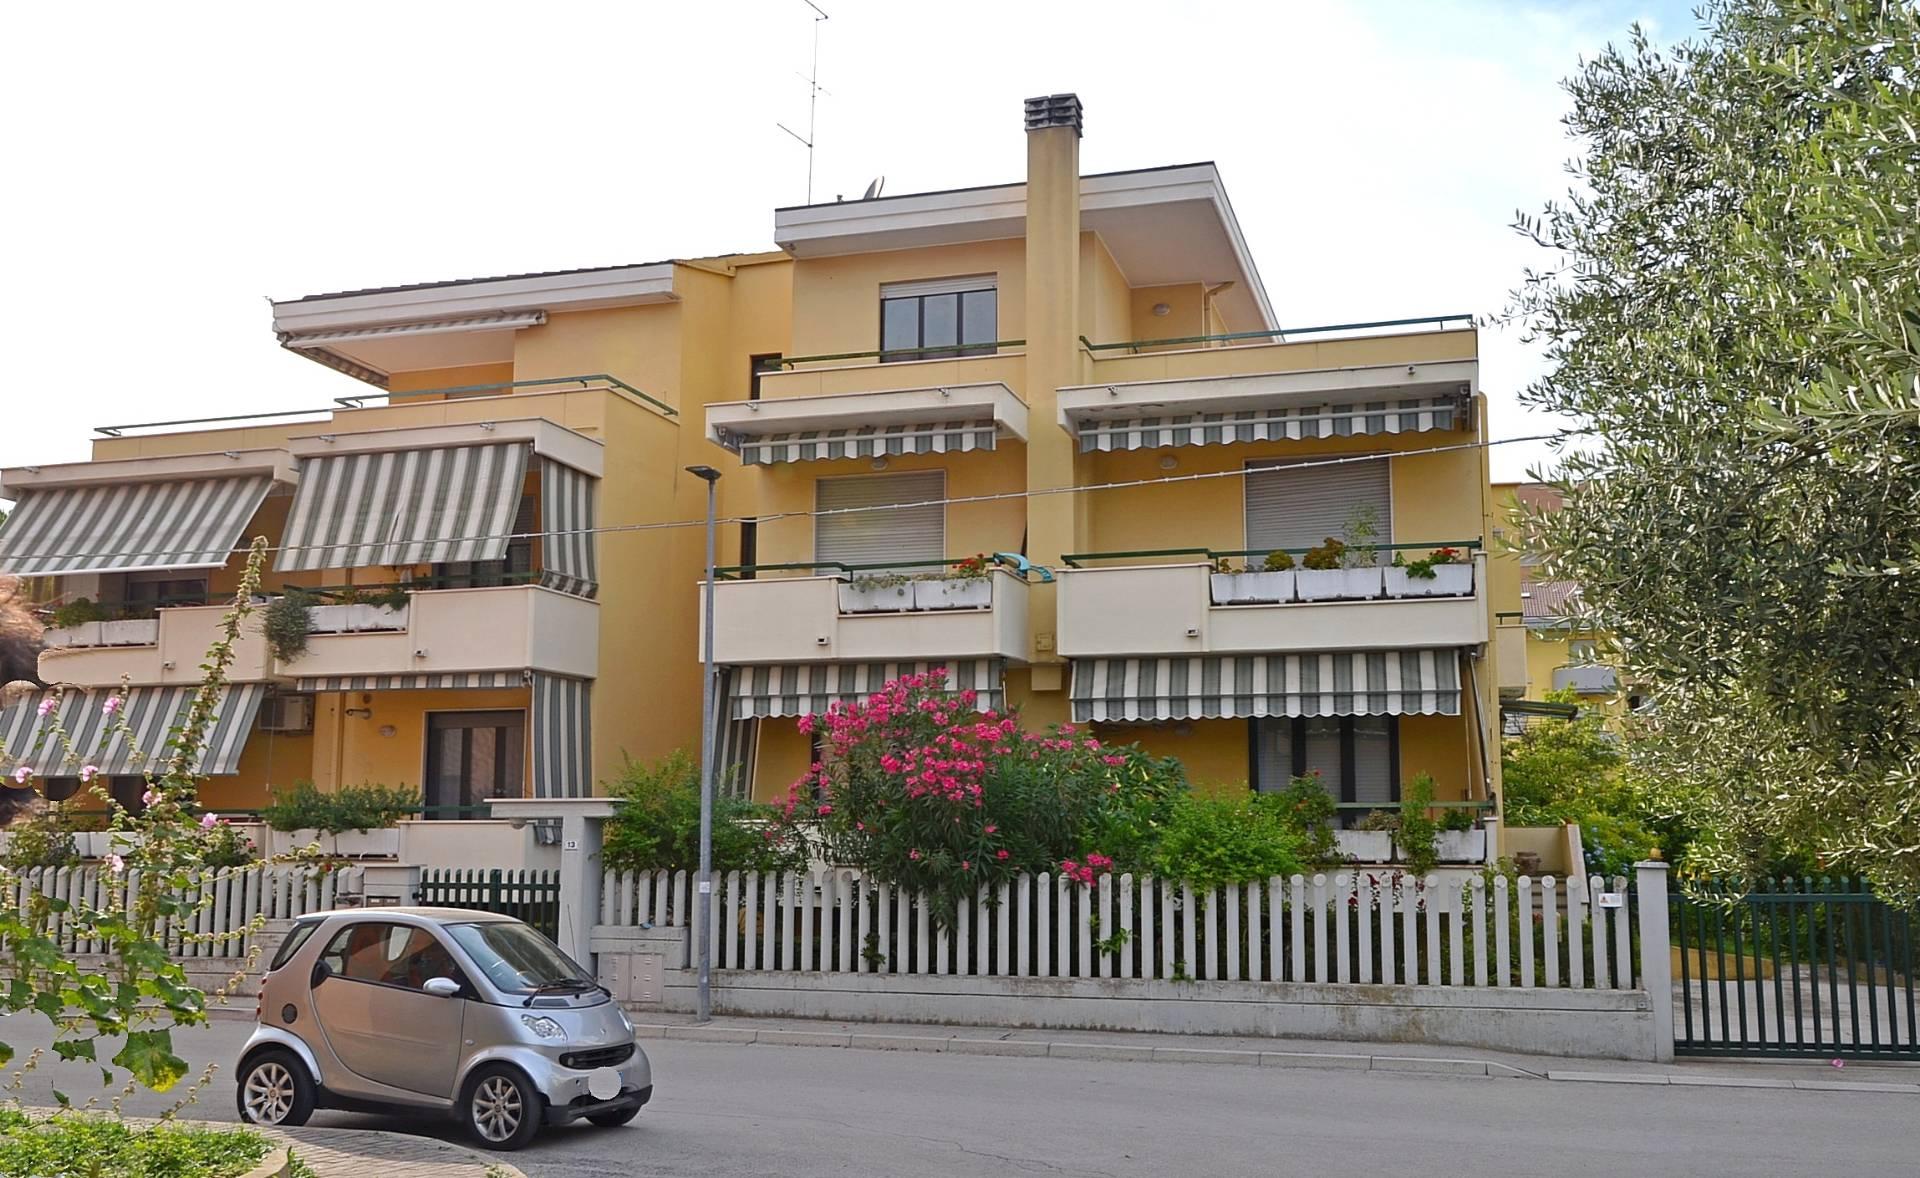 Attico / Mansarda in vendita a Montesilvano, 5 locali, zona Località: mare, prezzo € 188.000   PortaleAgenzieImmobiliari.it